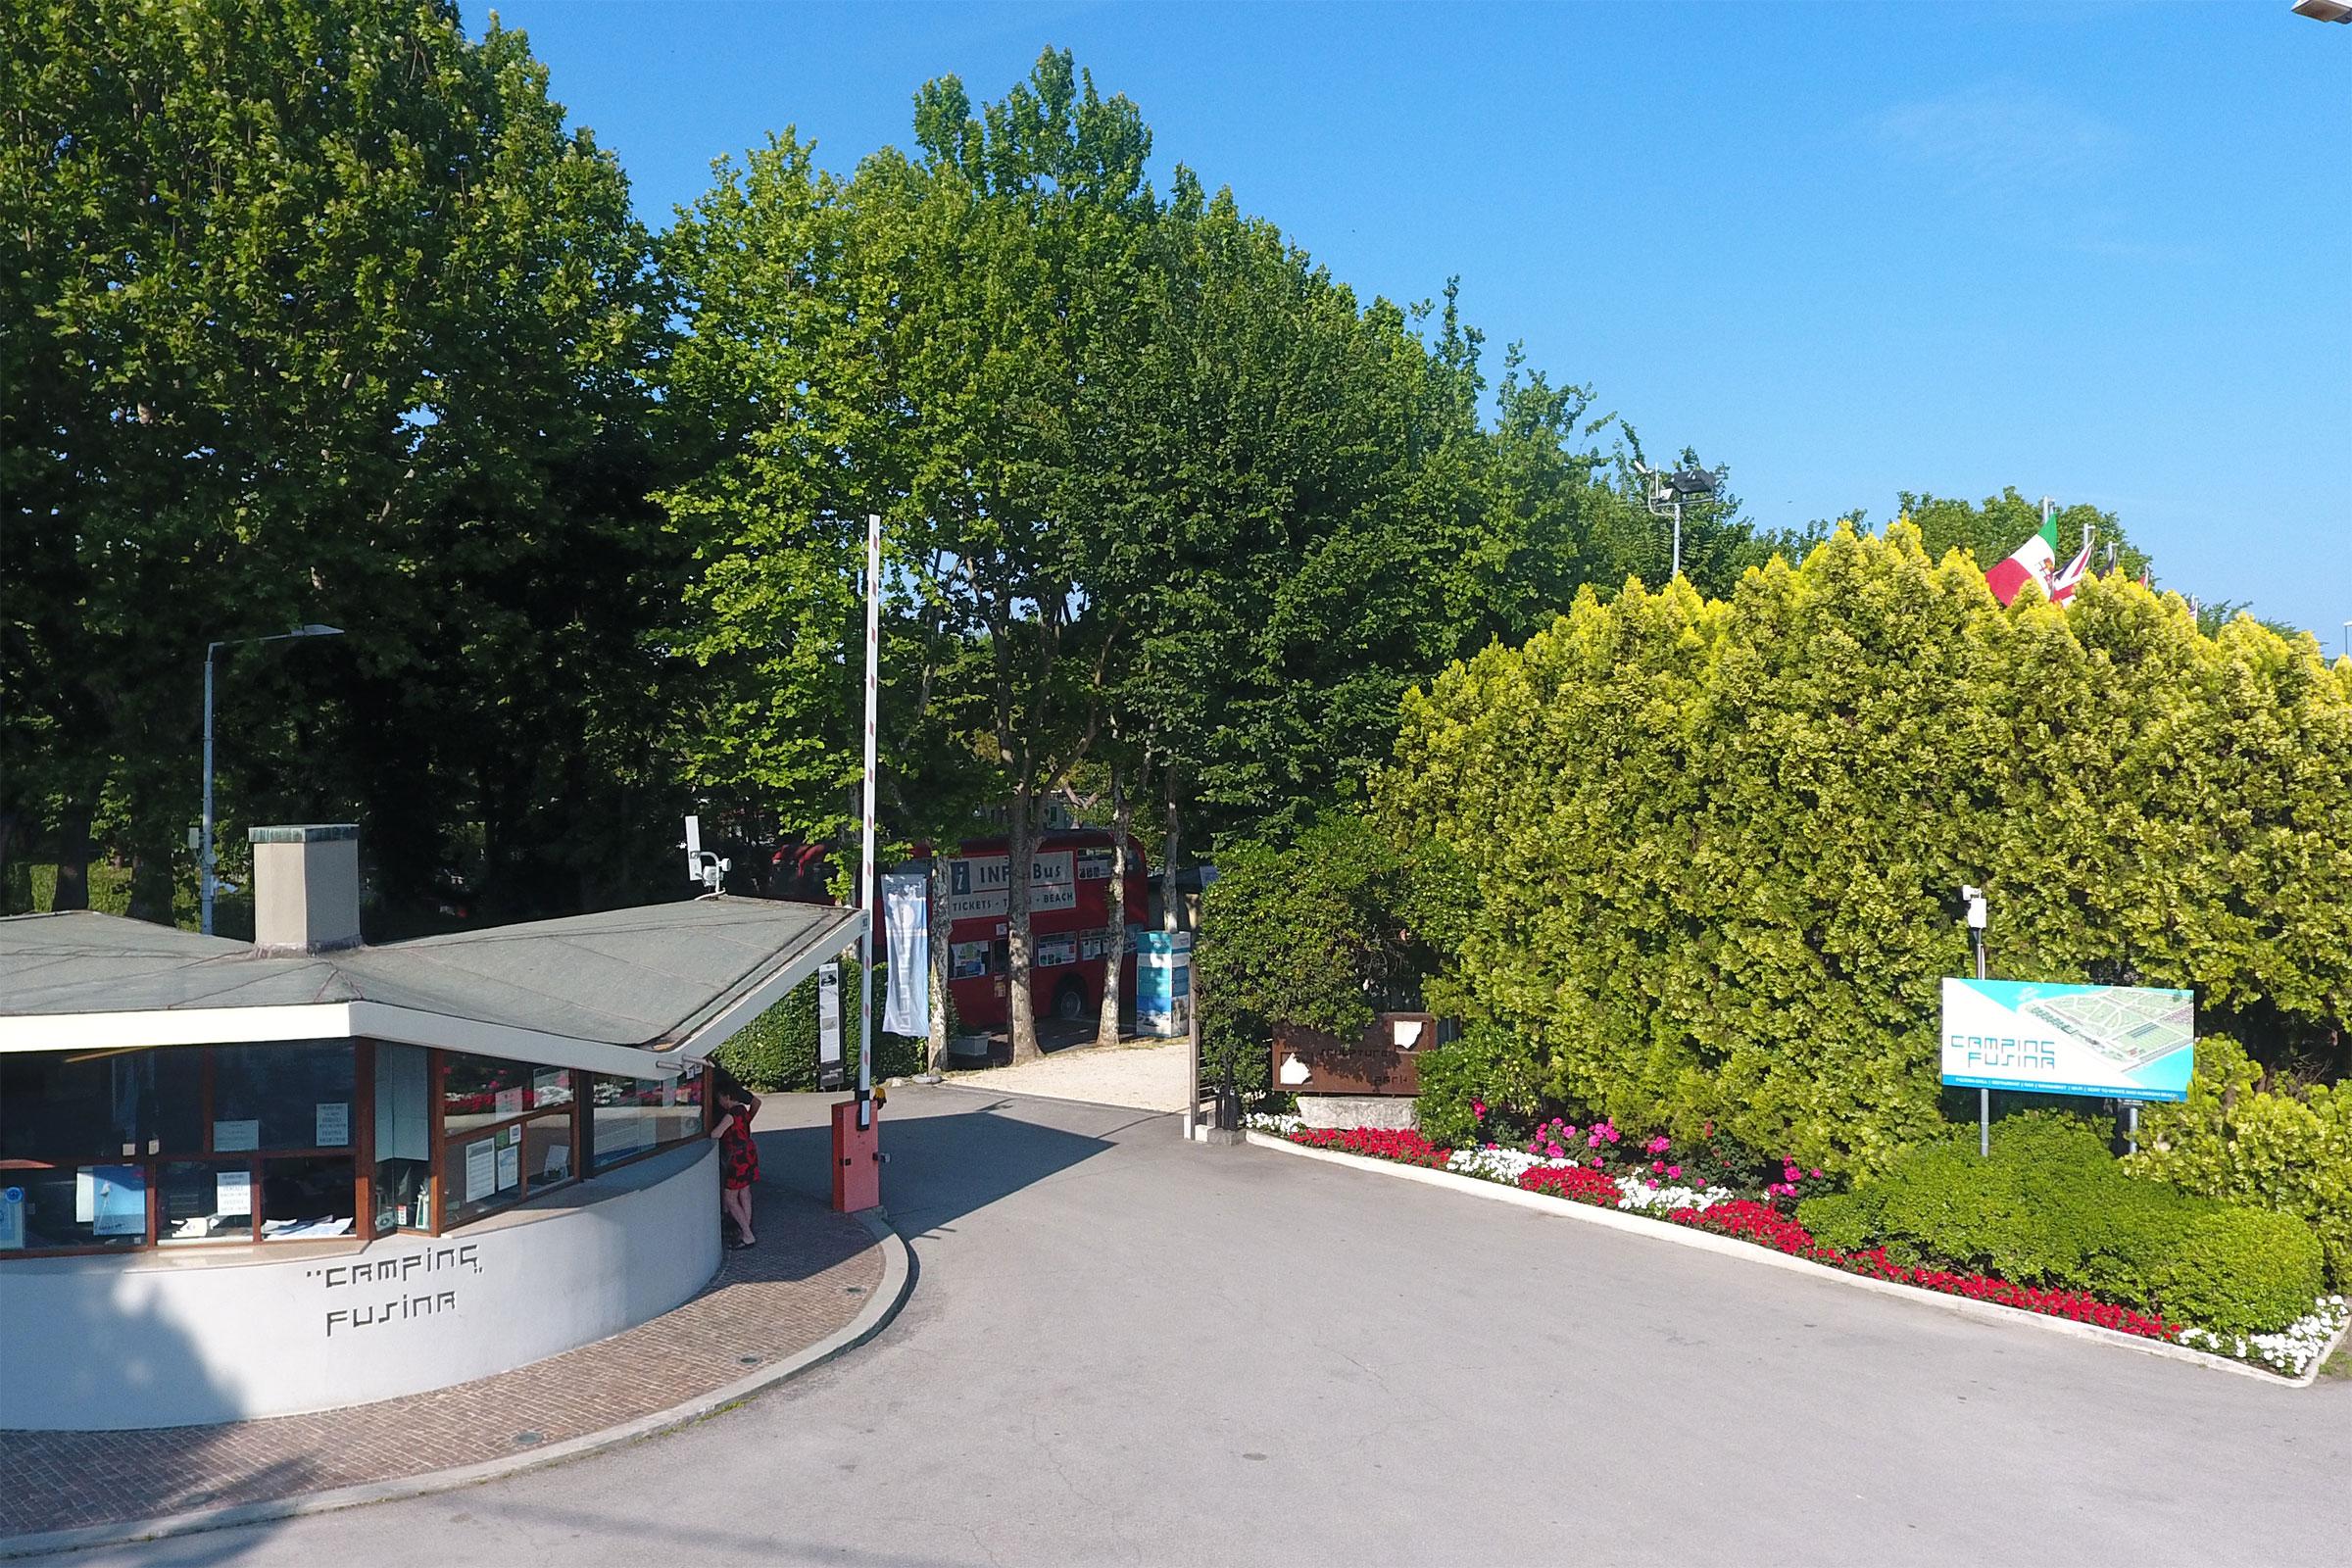 Reception - Camping Fusina